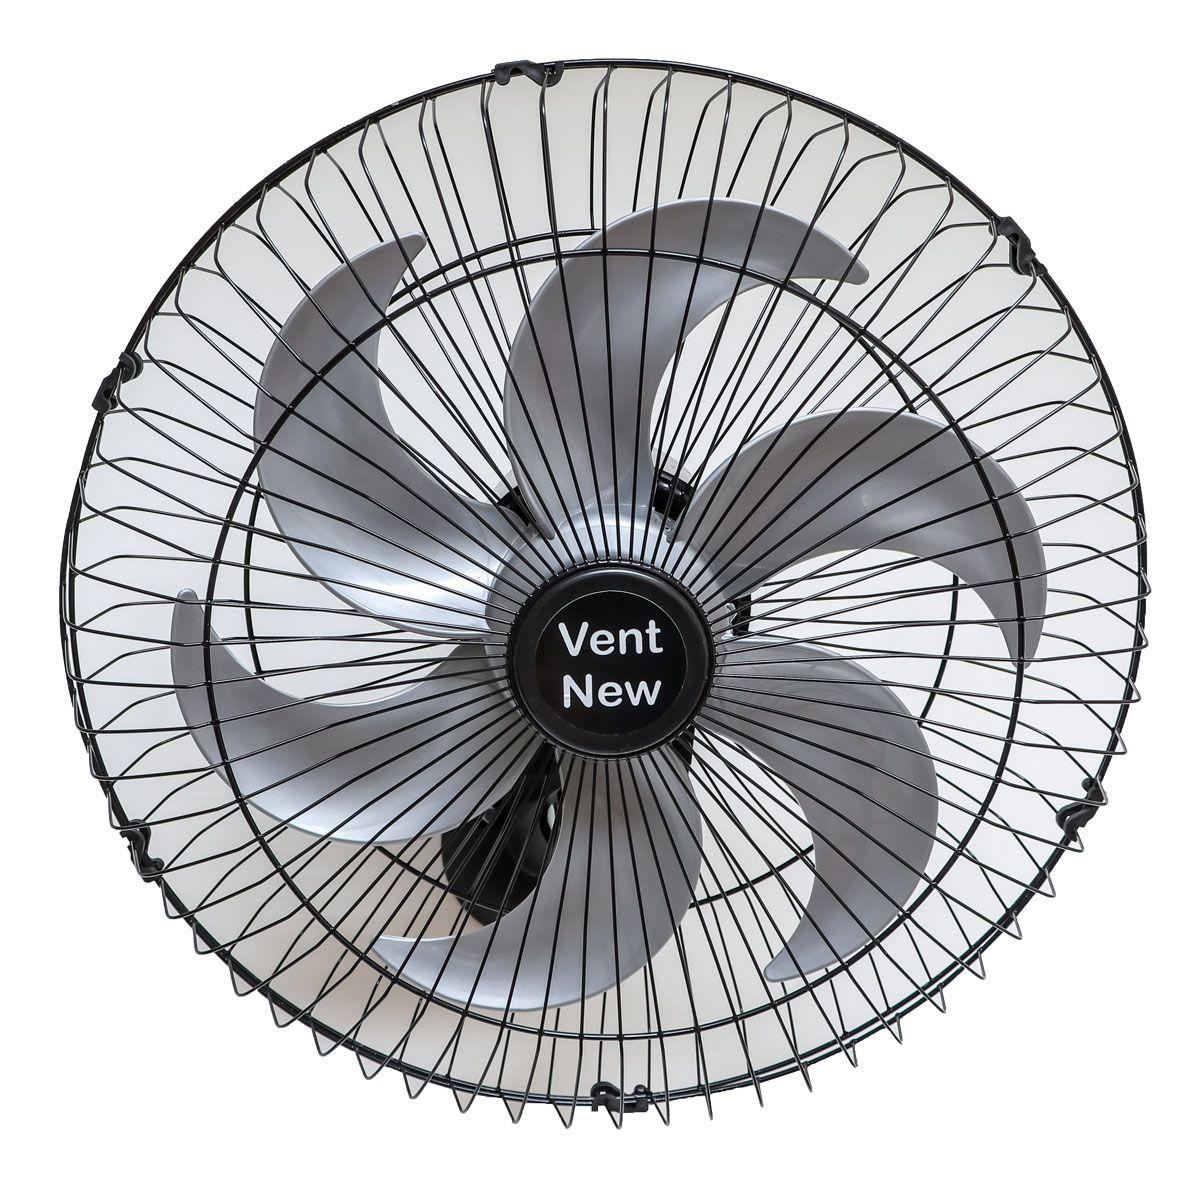 Kit 5 Ventiladores Parede Oscilante 50 Cm Preto / Prata Bivolt Grade Aço